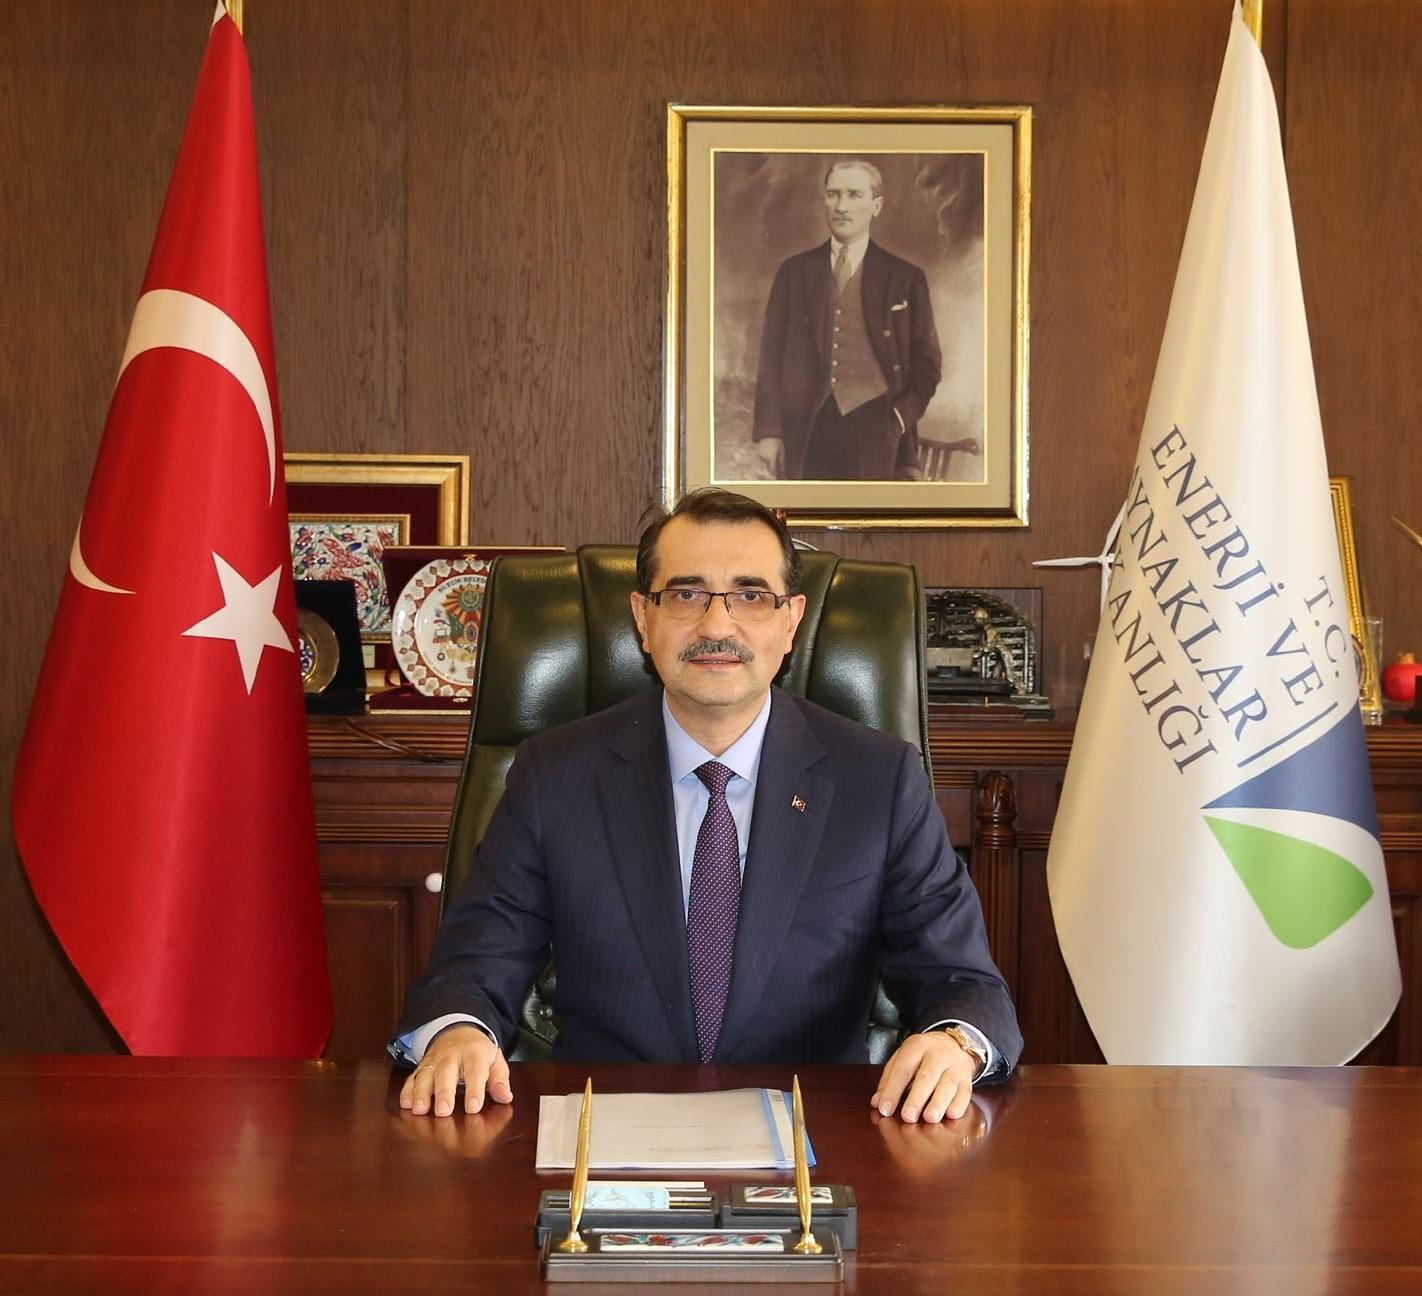 Τουρκία: Γεωτρήσεις Νότια του Καστελόριζου ανακοίνωσε ο Υπουργός Ενέργειας